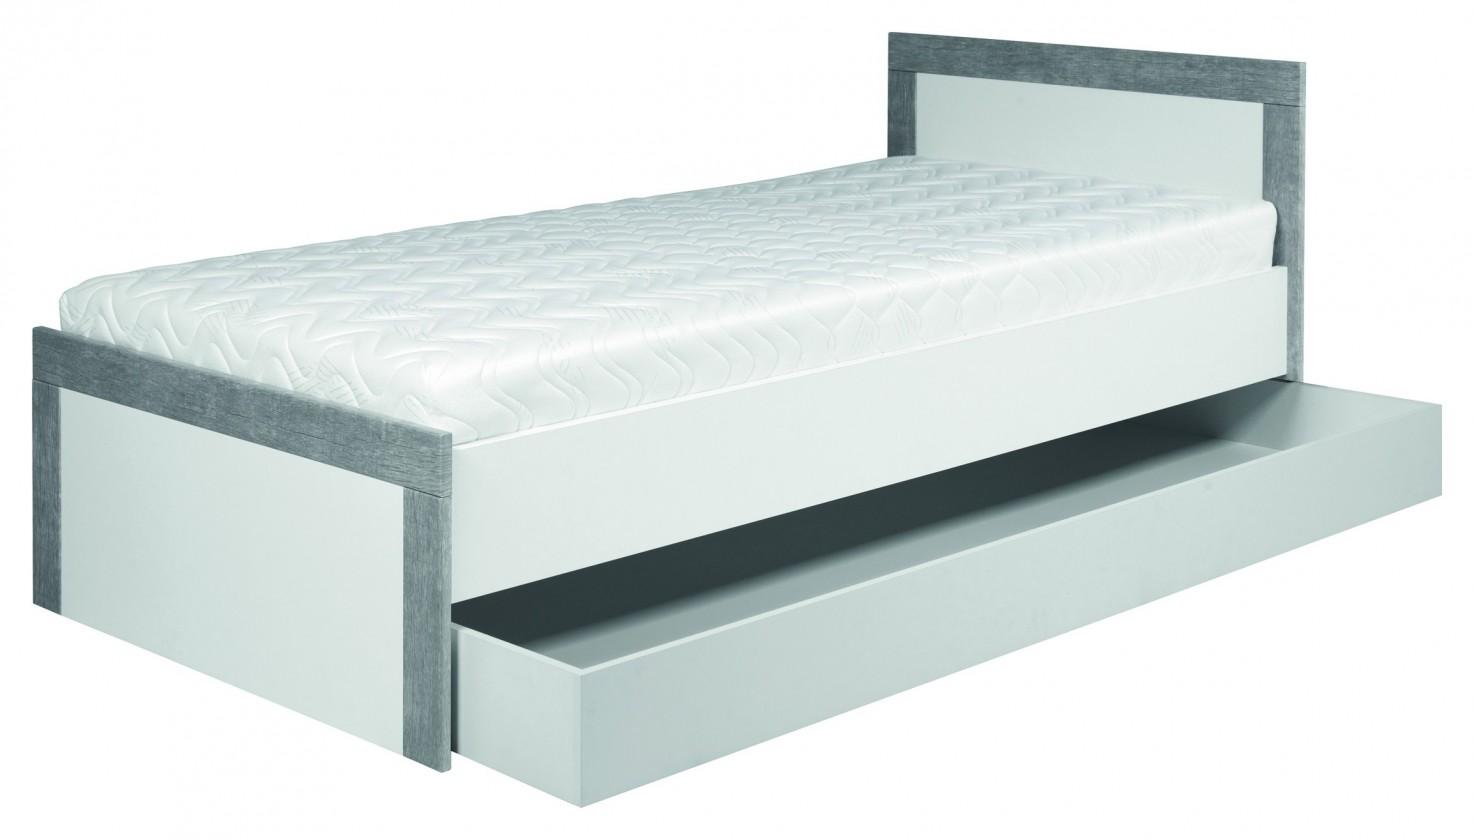 Klasická postel Lightning - Postel 90x200cm (bílá, šedá)